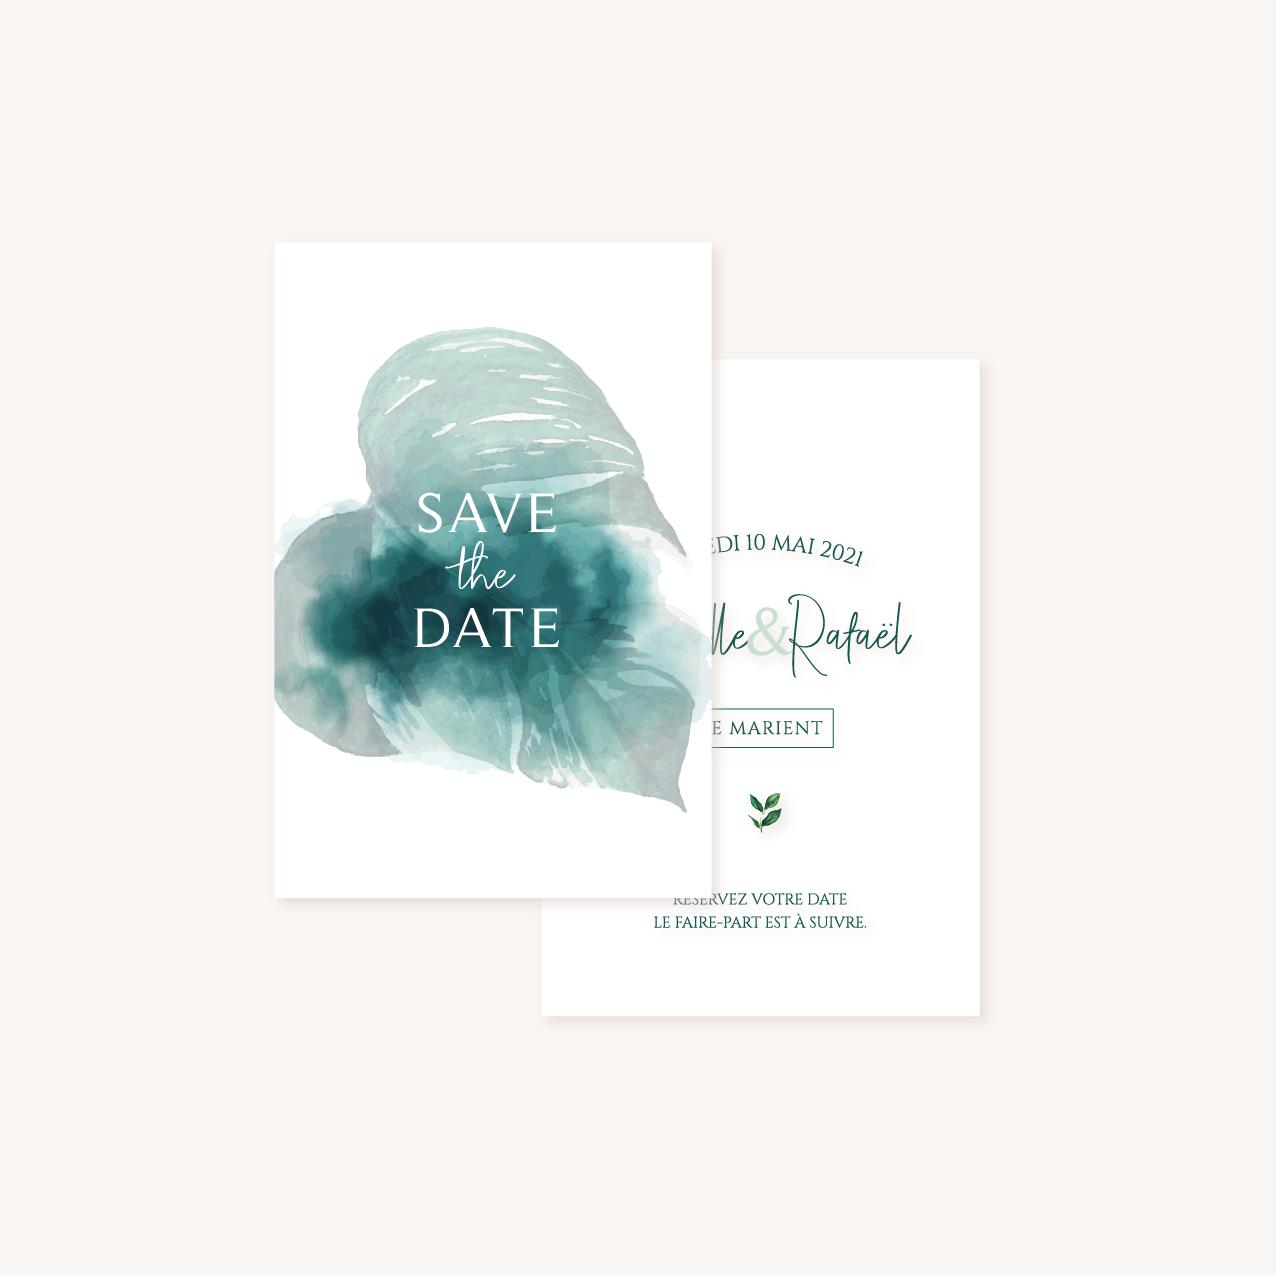 Save the date mariage tropique feuillage vert et blanc à l'aquarelle